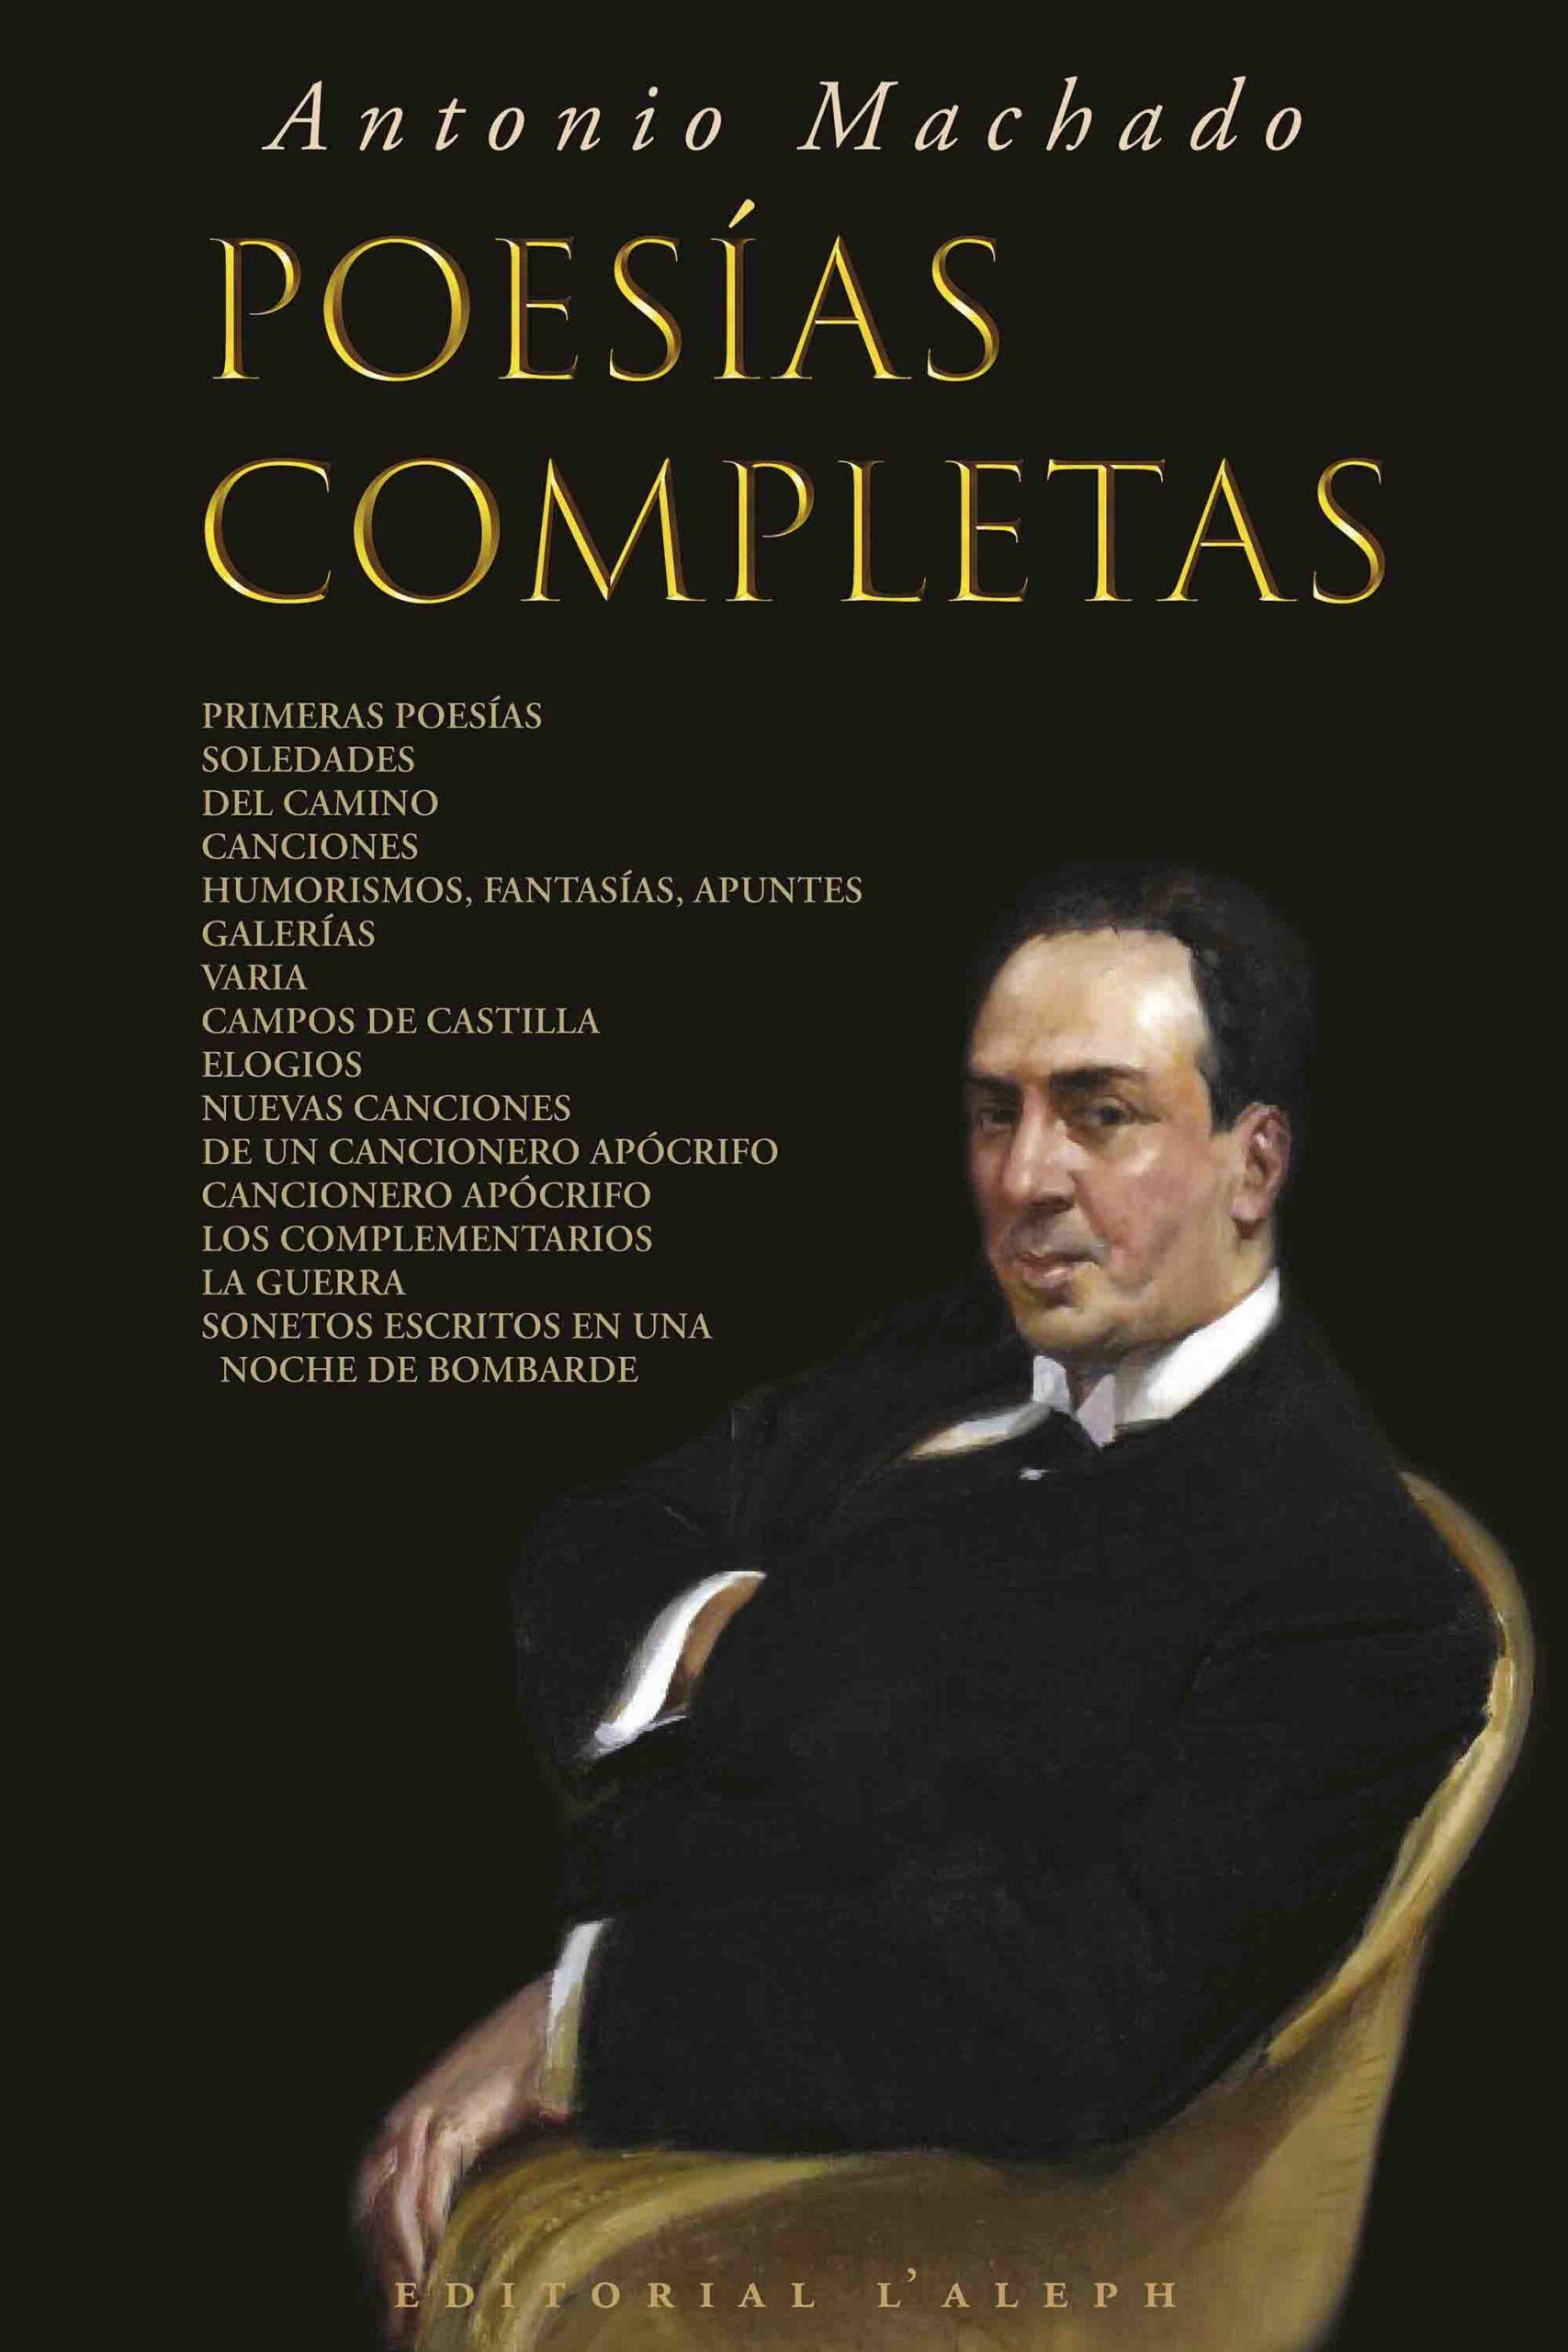 Antonio Machado: Poesías Completas